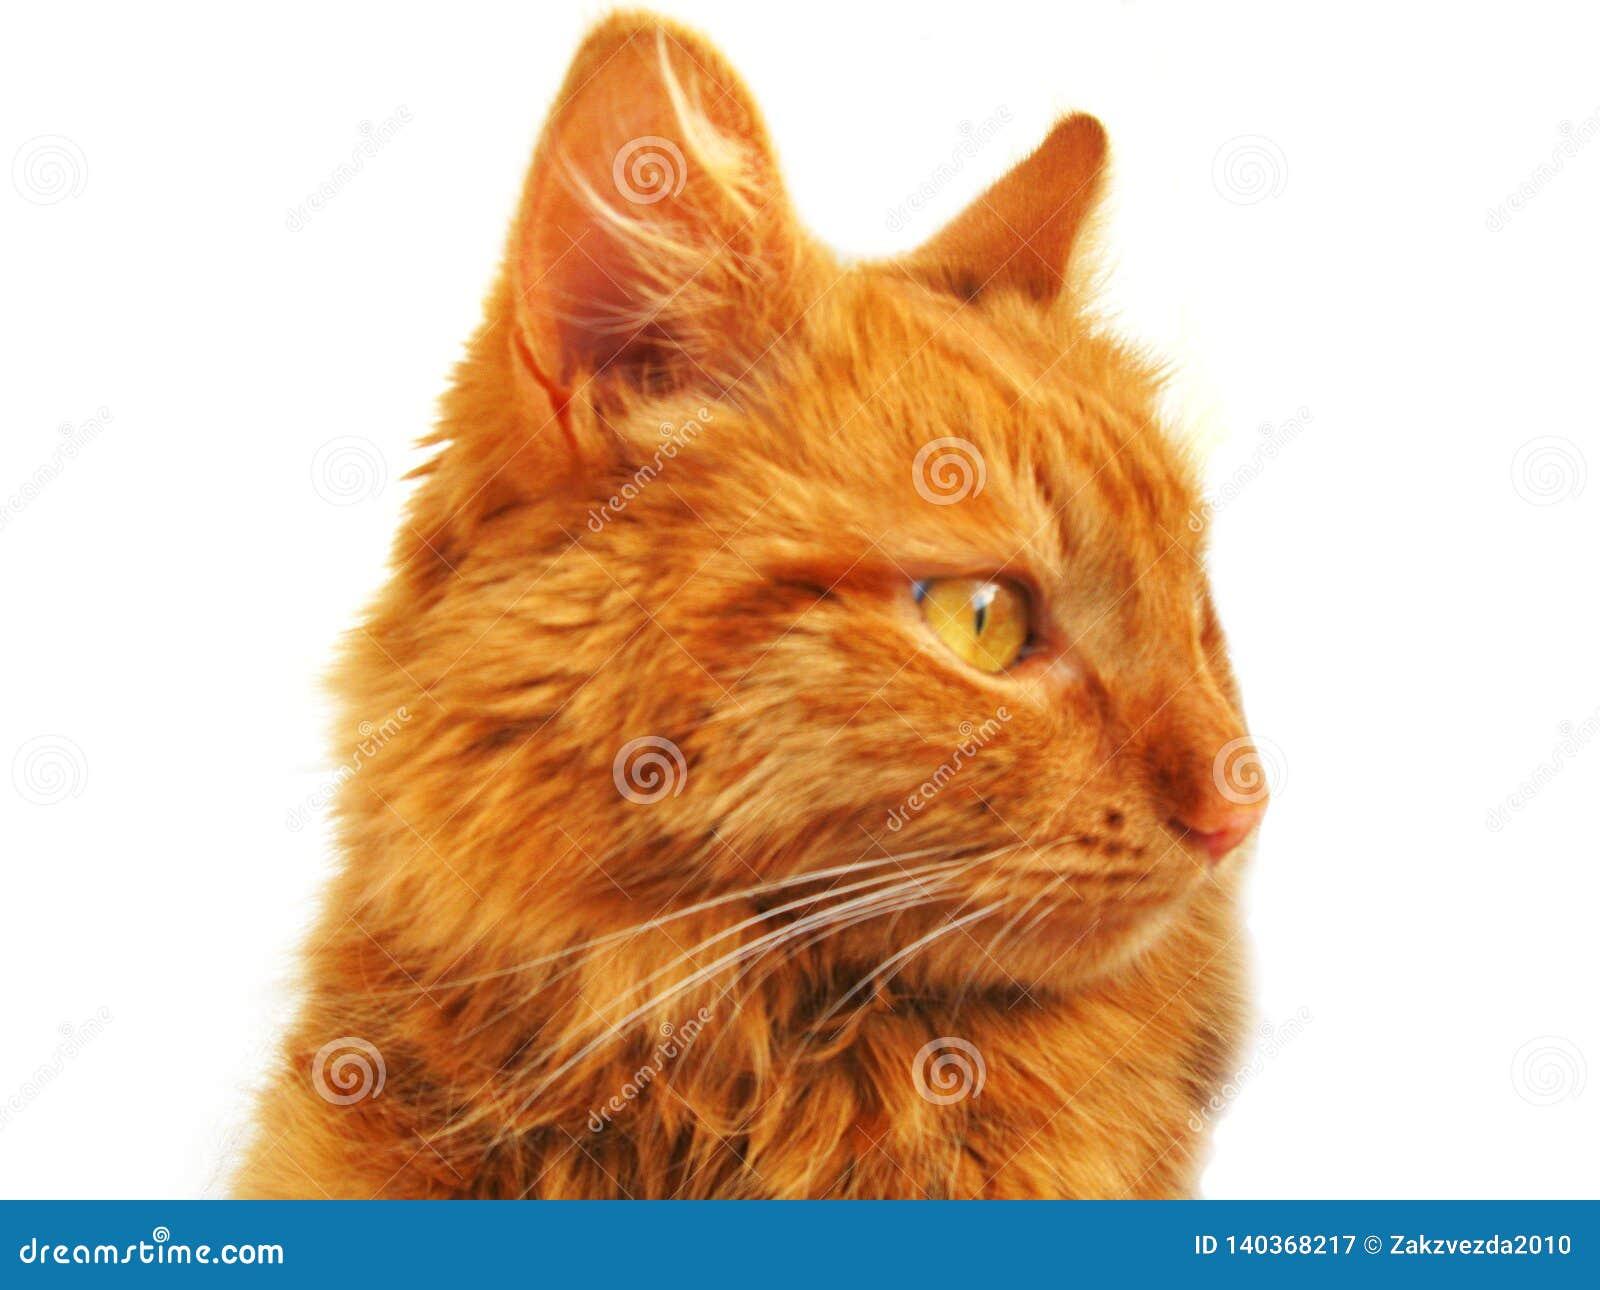 Солнечный оранжевый кот на белой предпосылке